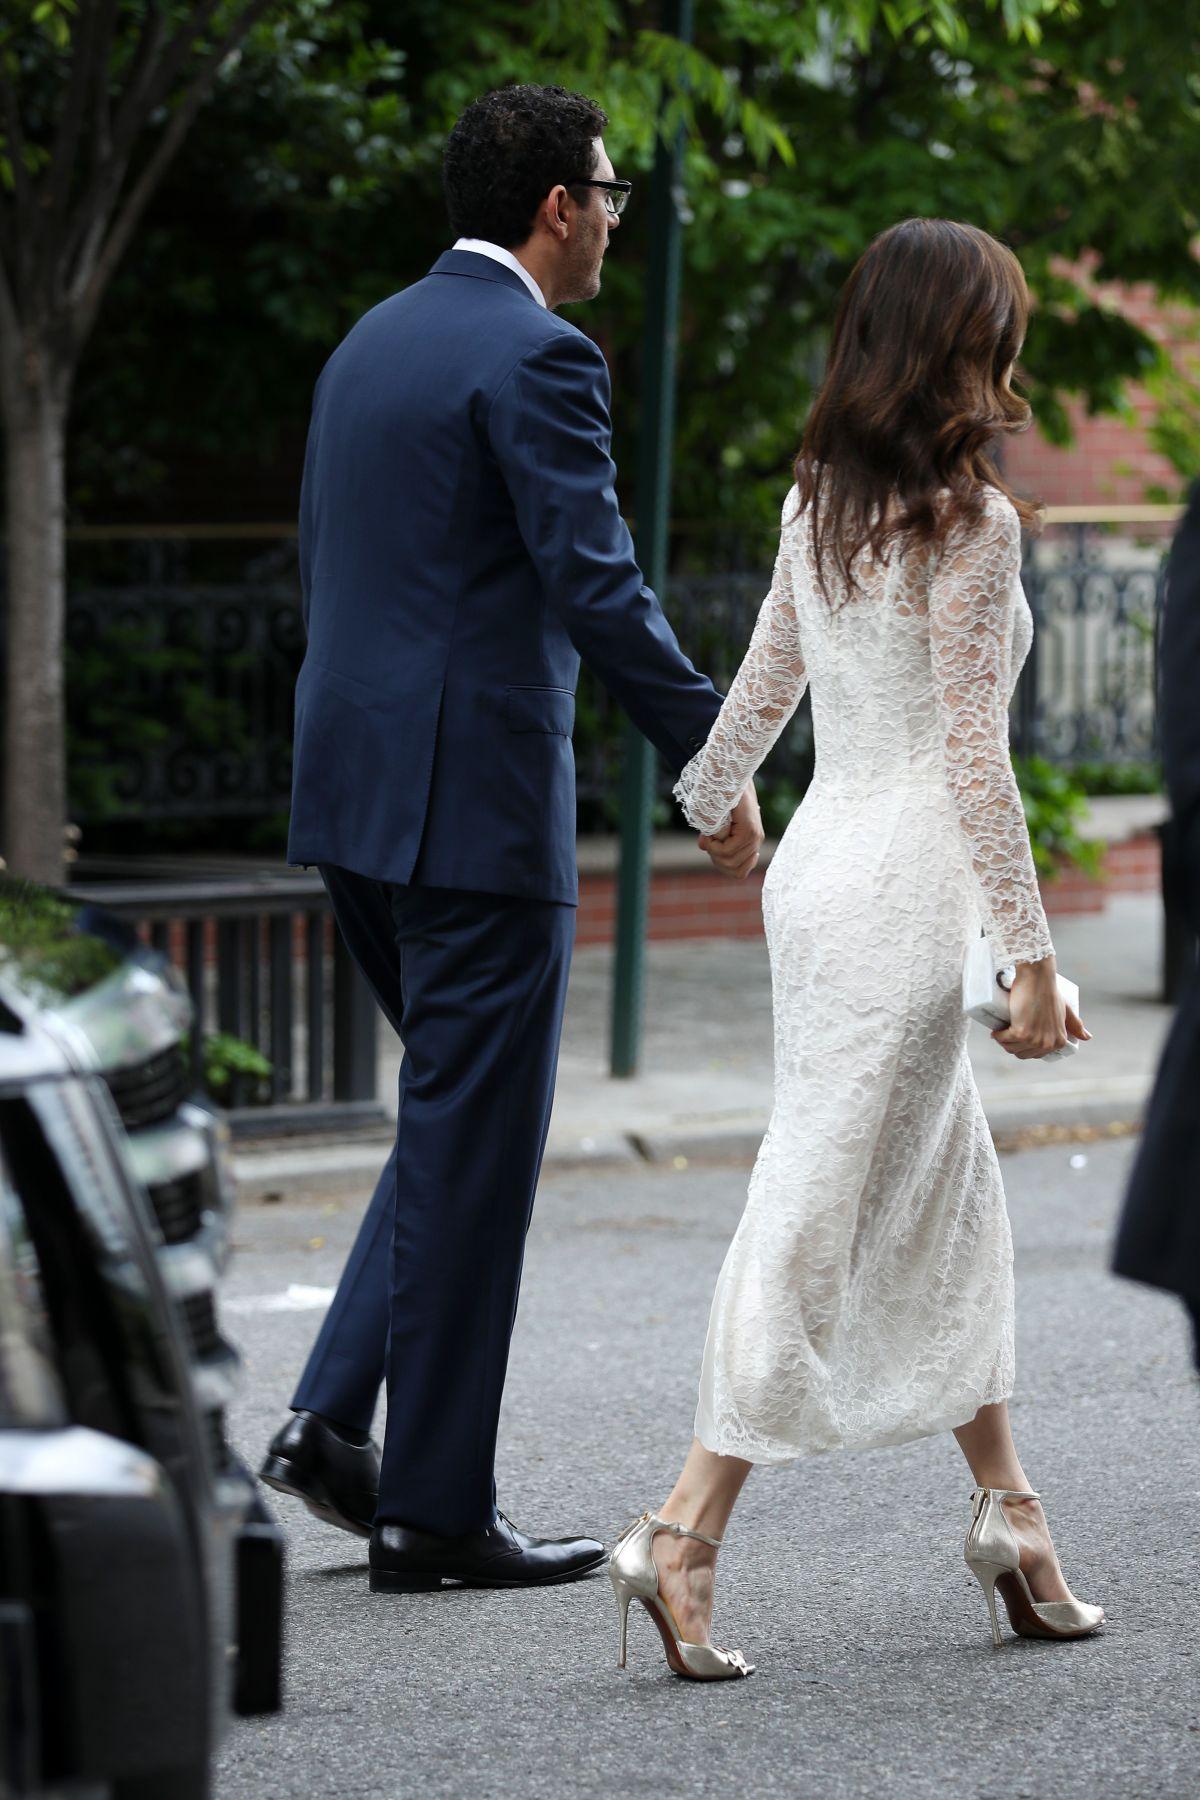 Emmy Rossum Wedding.Emmy Rossum Wedding Photoshoot With Her Sam Esmail 080617 4